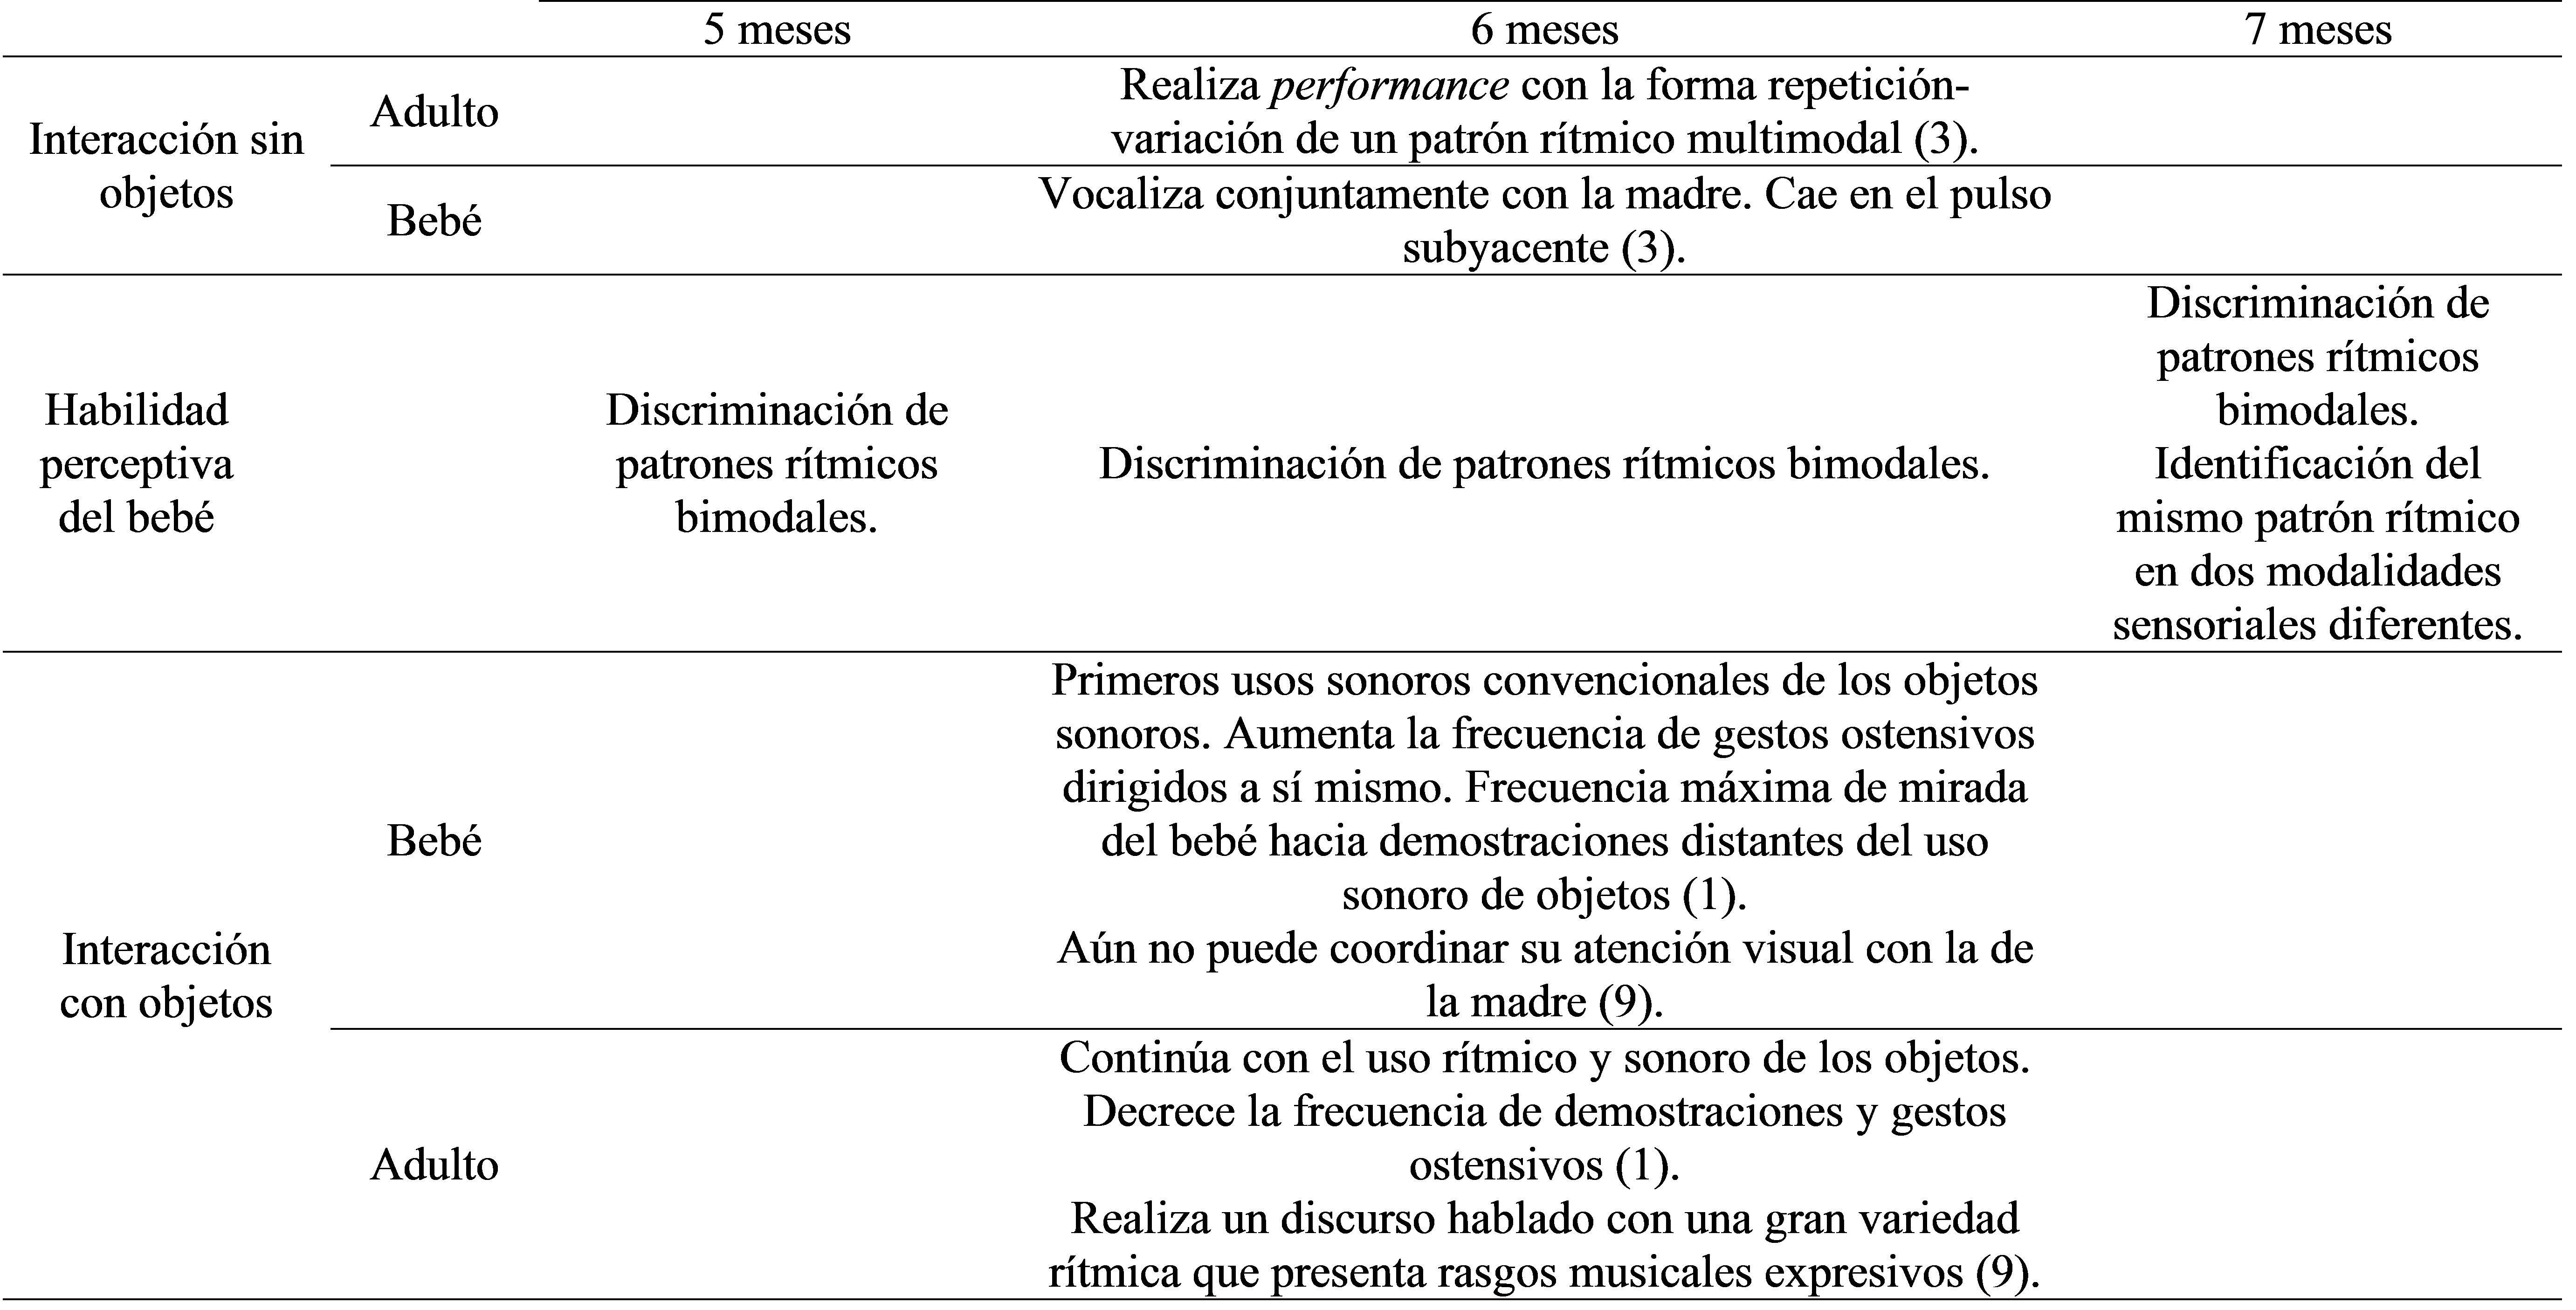 Tabla 1-2